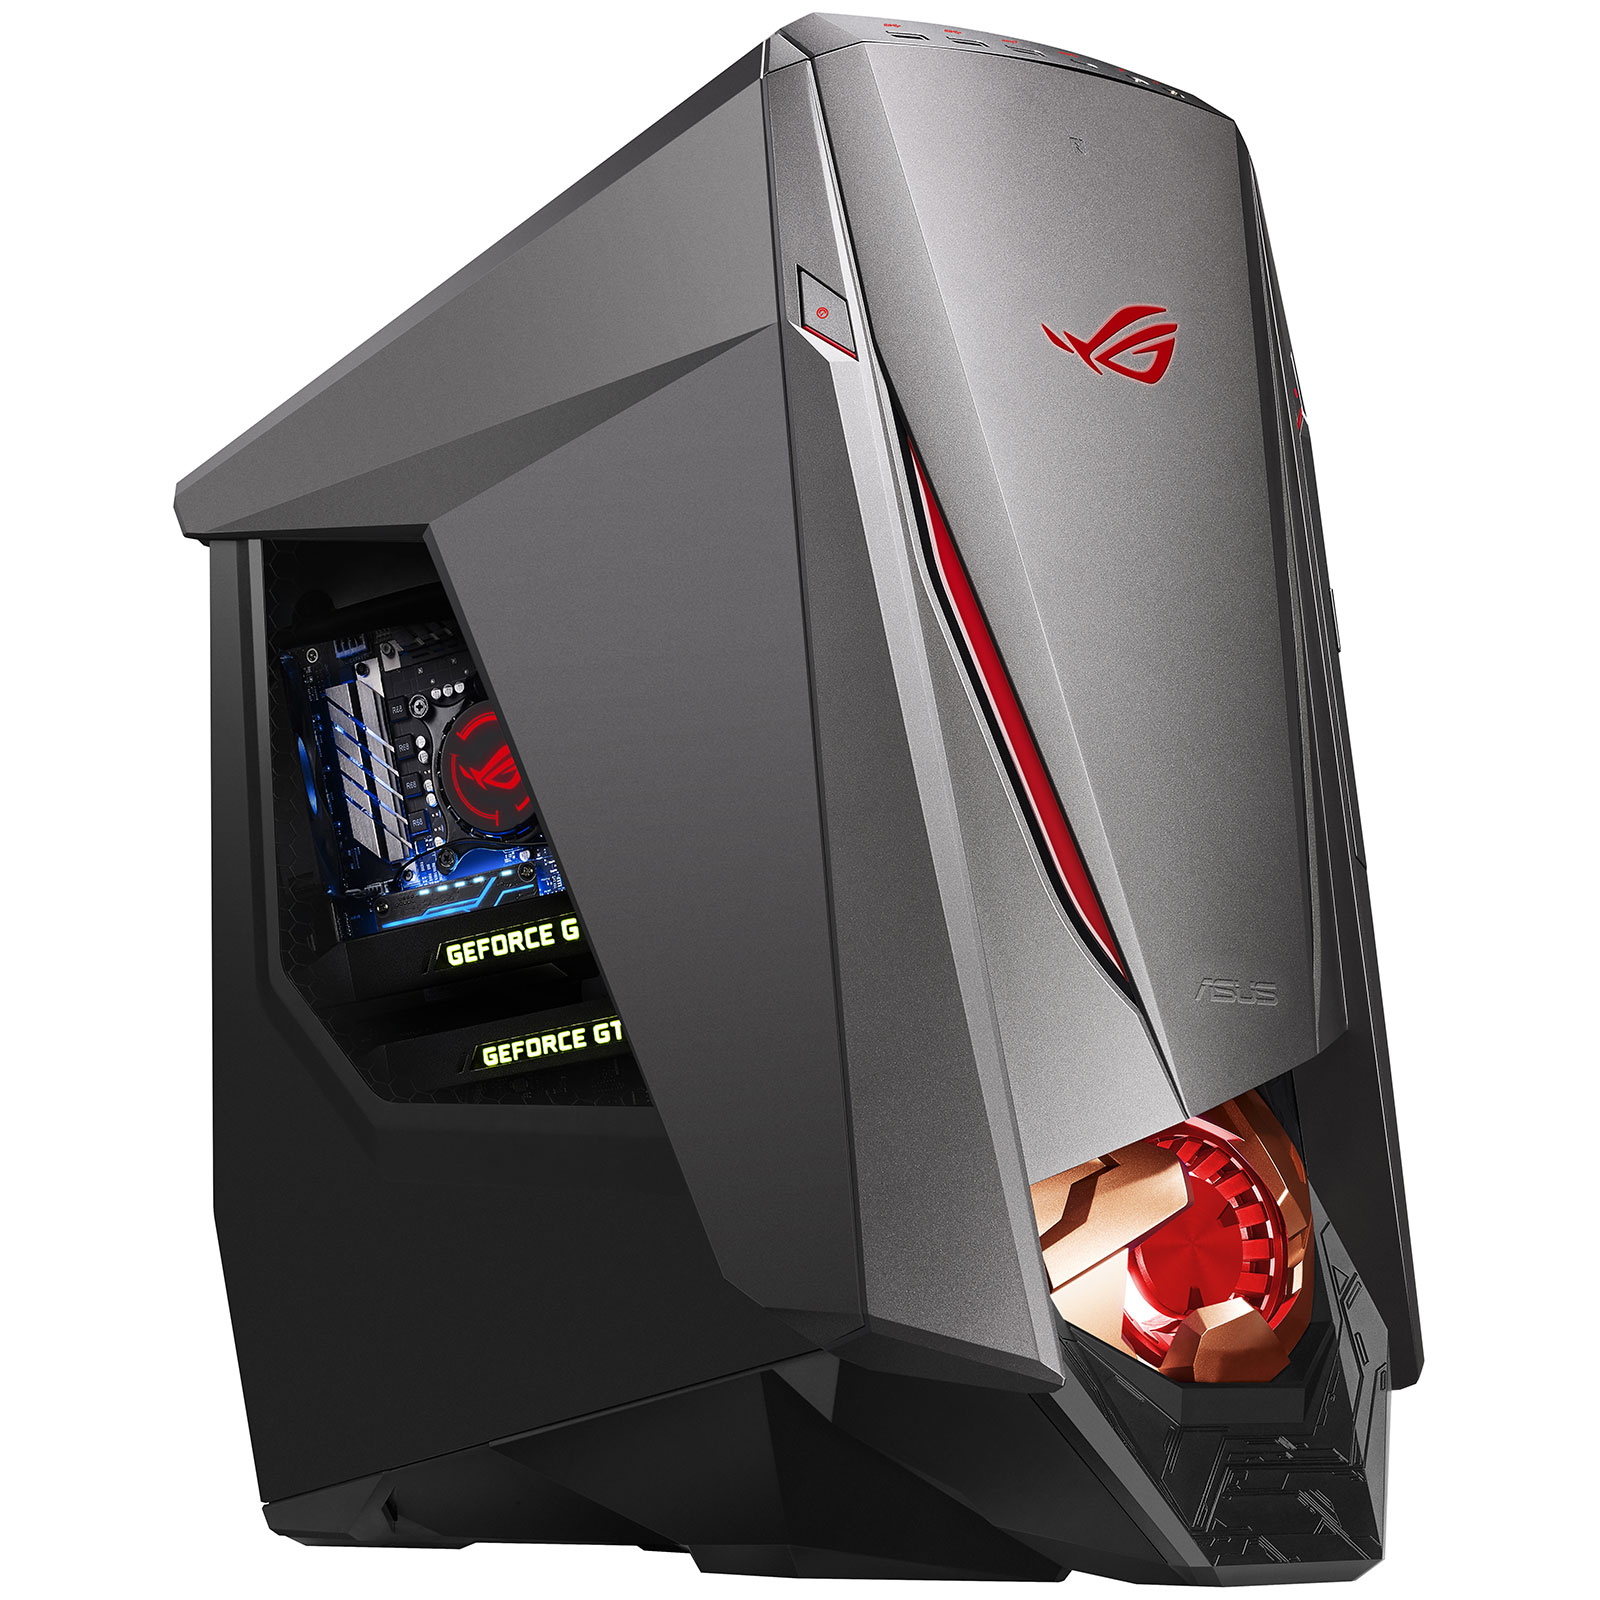 PC de bureau ASUS achat vente PC de bureau sur LDLC